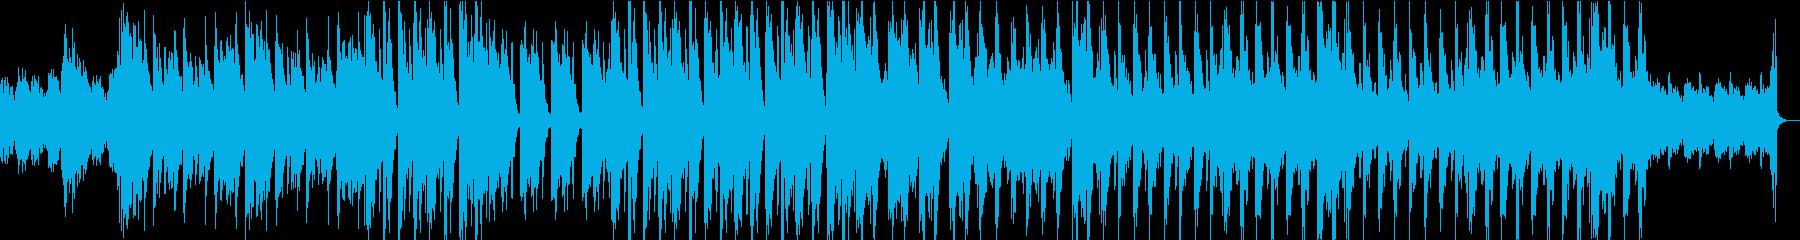 古代ギリシアの遺跡を邂逅するBGMの再生済みの波形